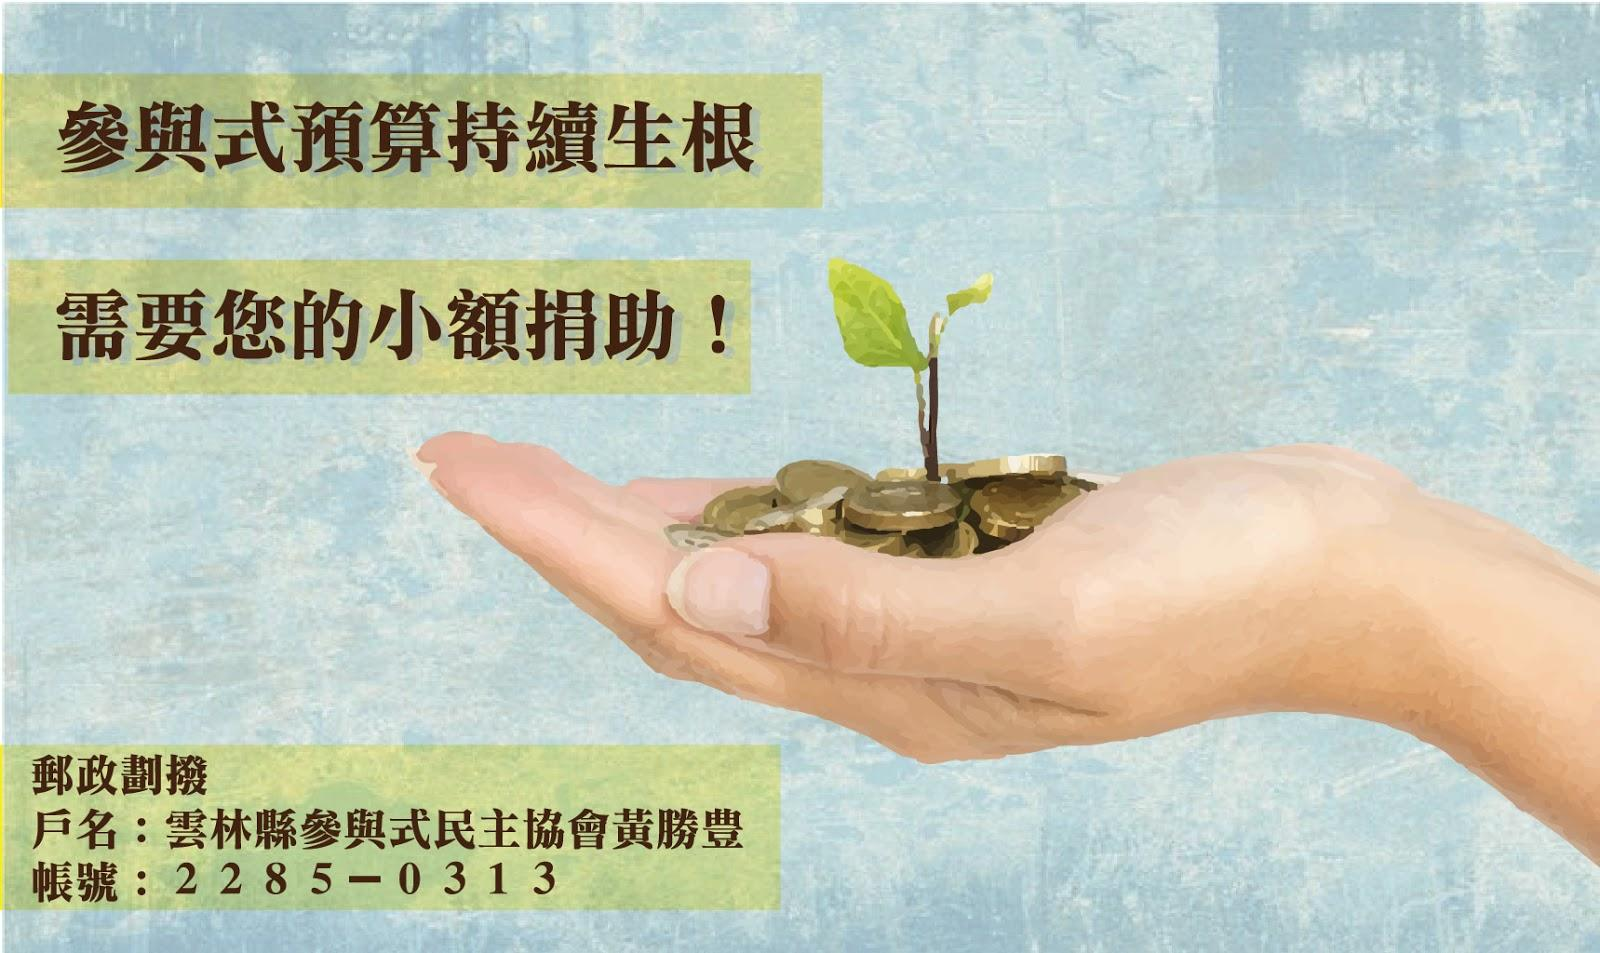 龍潭村民:參與式預算讓阮庄活起來 --記全台首場參與式預算成果共享會(二)